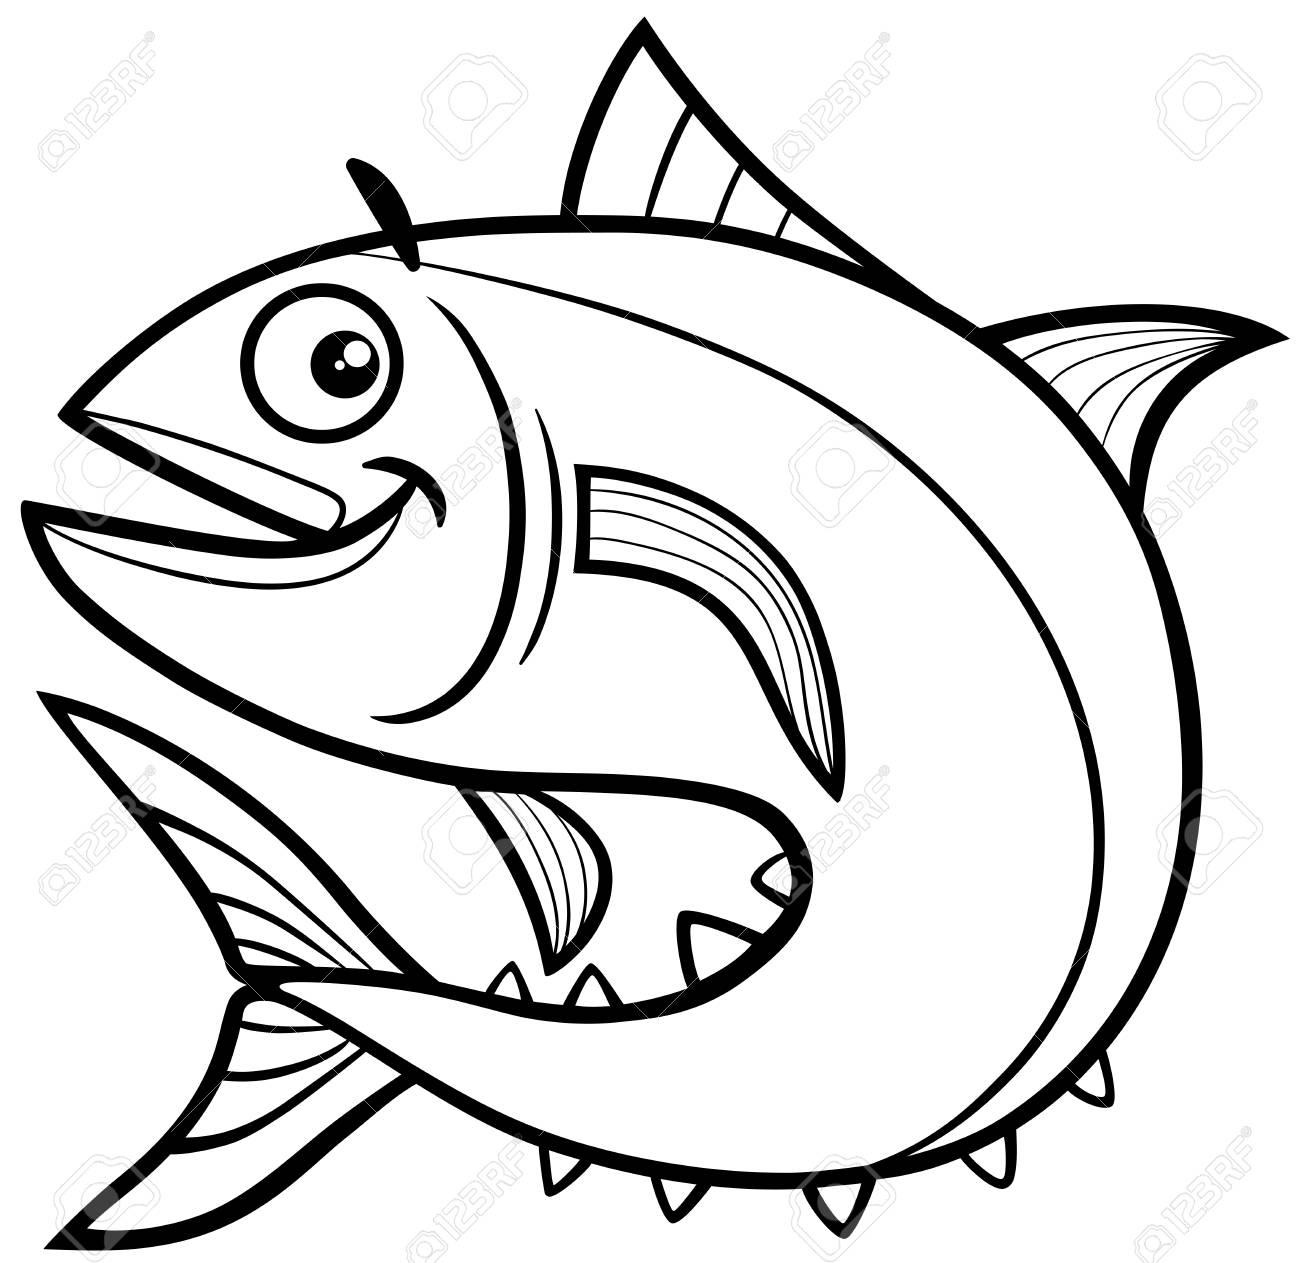 Ilustración De Dibujos Animados En Blanco Y Negro De Tuna Fish Sea ...